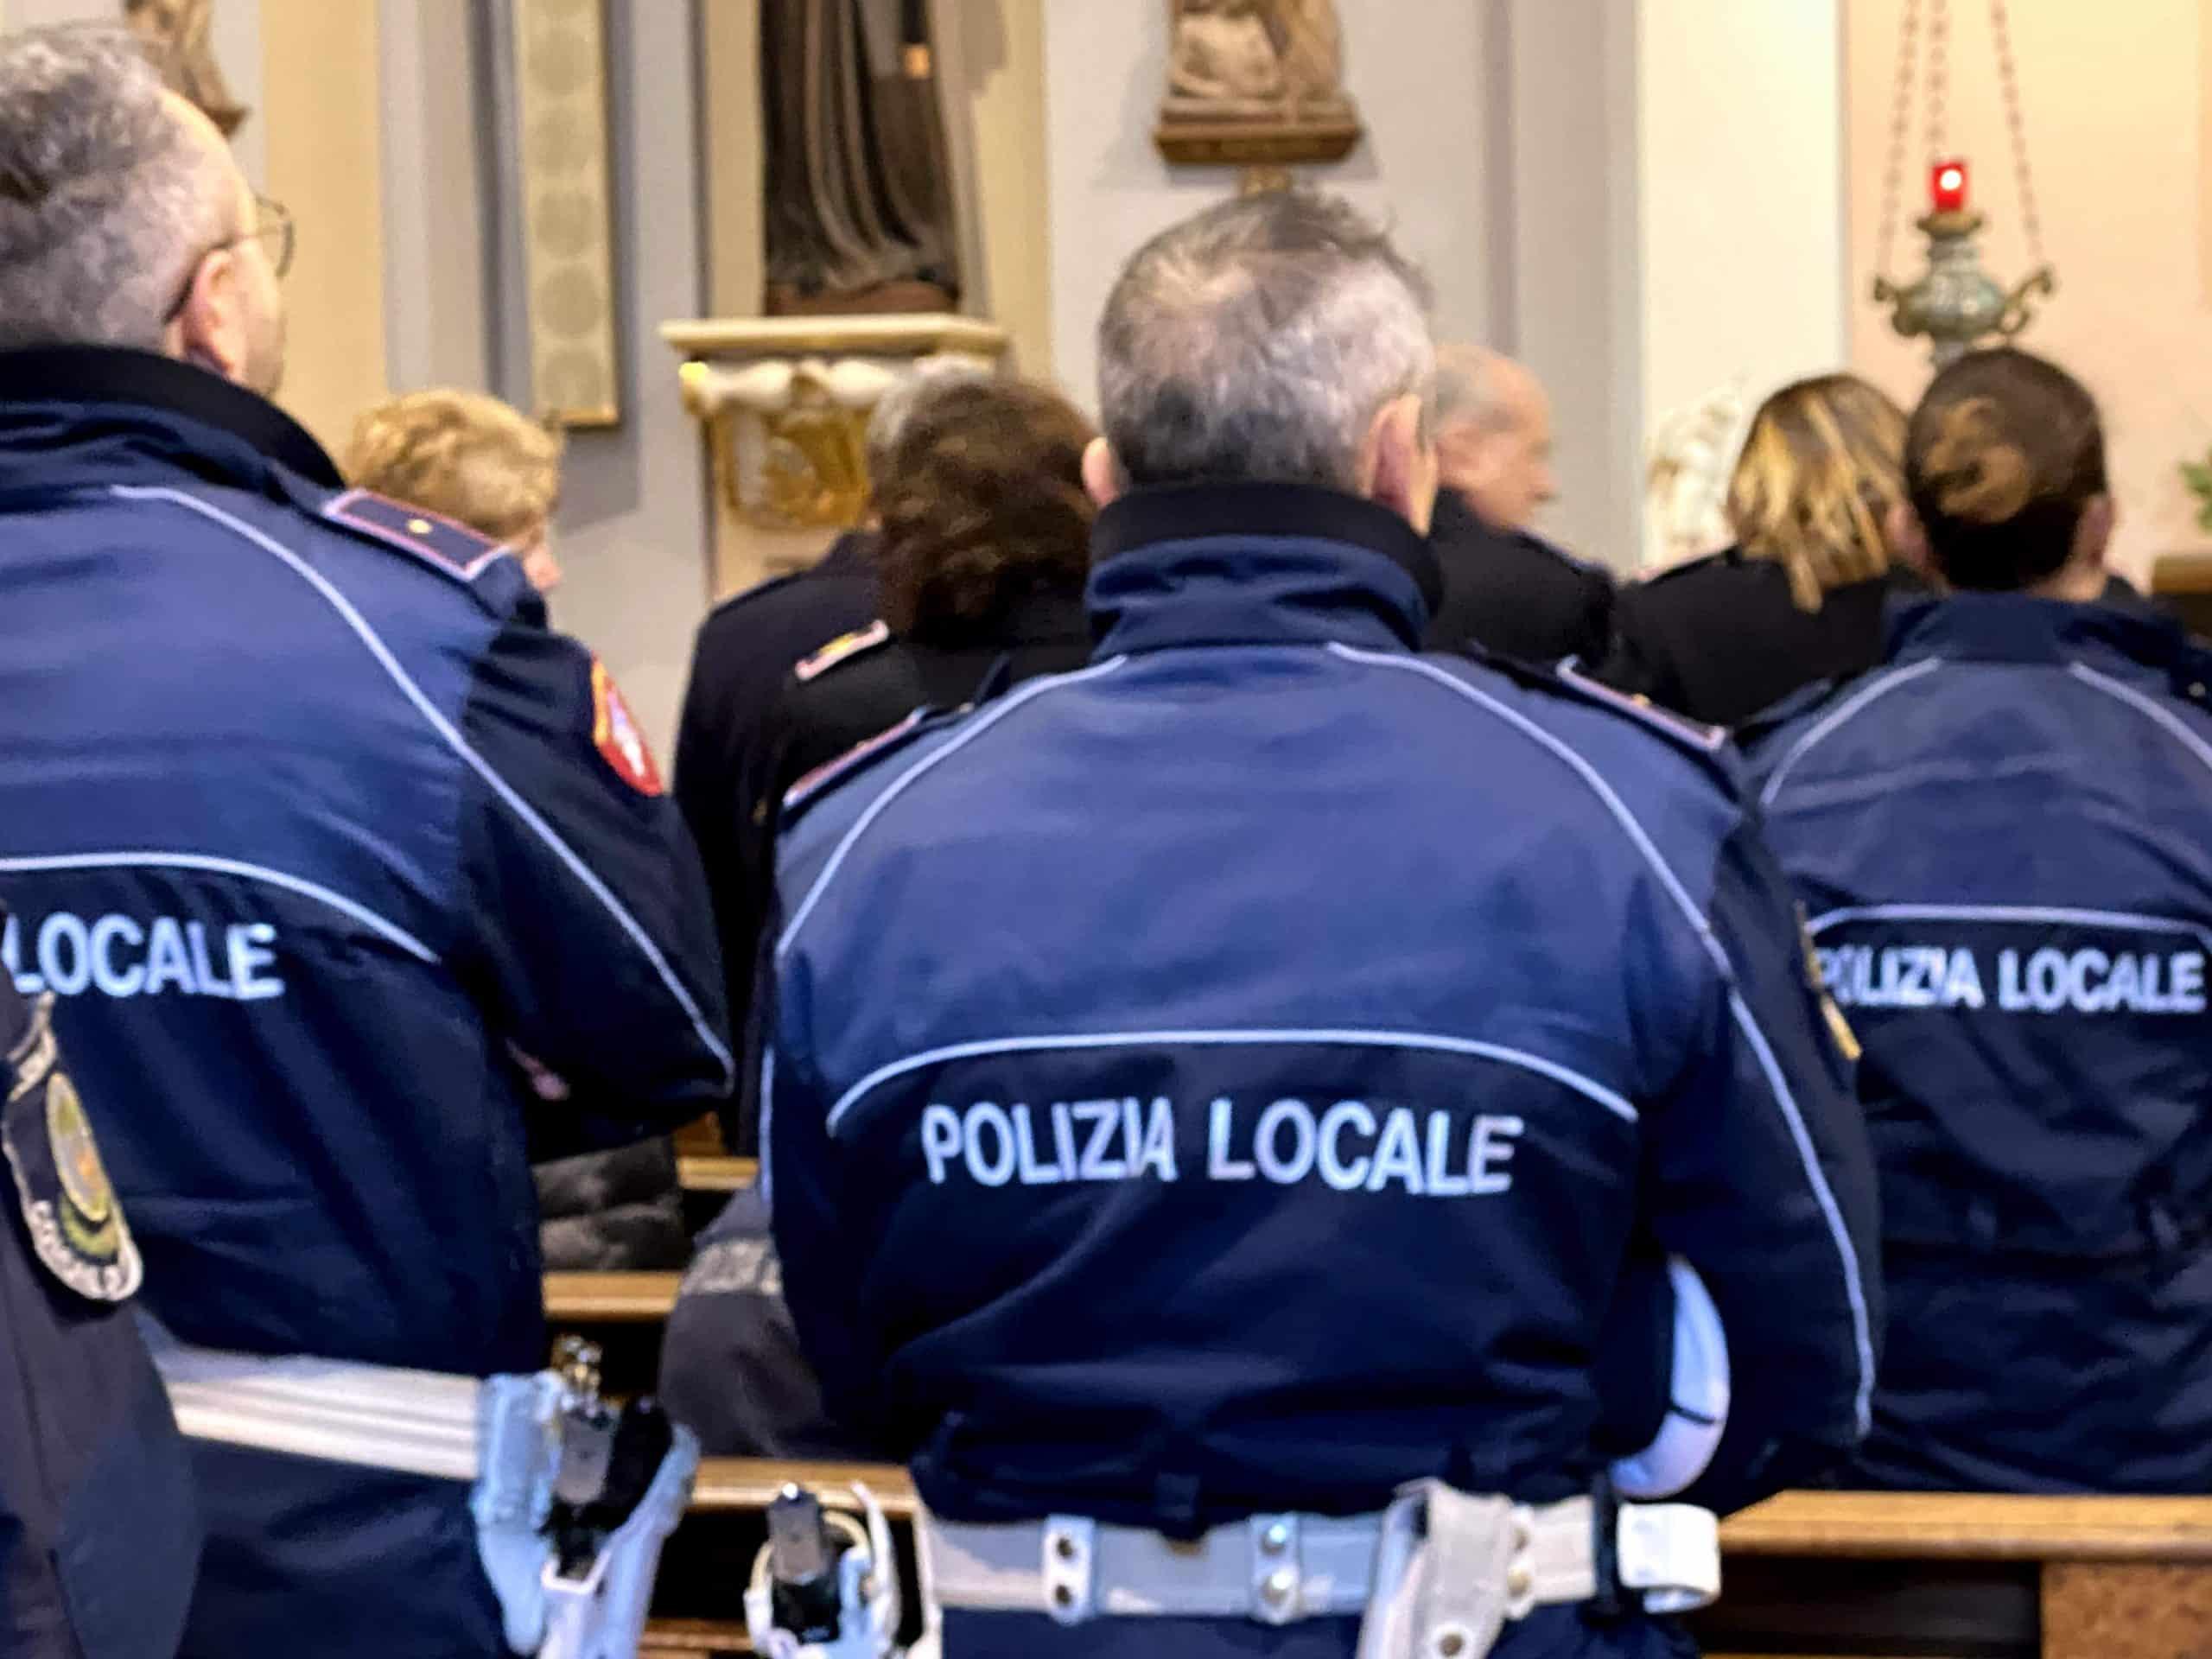 Celebrazione di San Sebastiano con la Polizia Locale di Parabiago